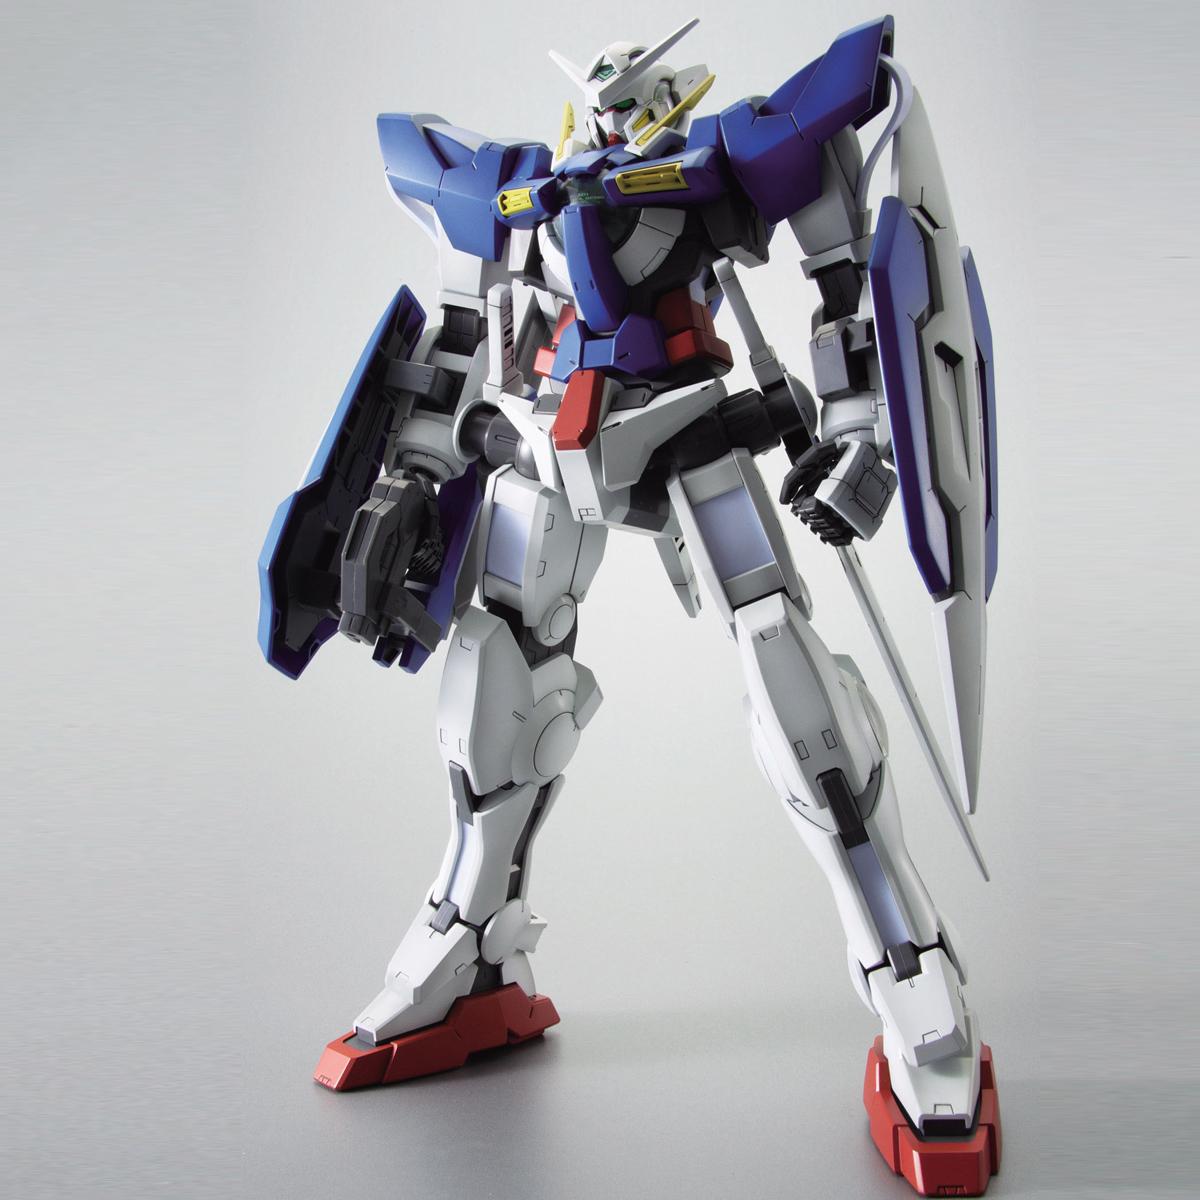 889181/60 GN-001 ガンダムエクシア [Gundam Exia]